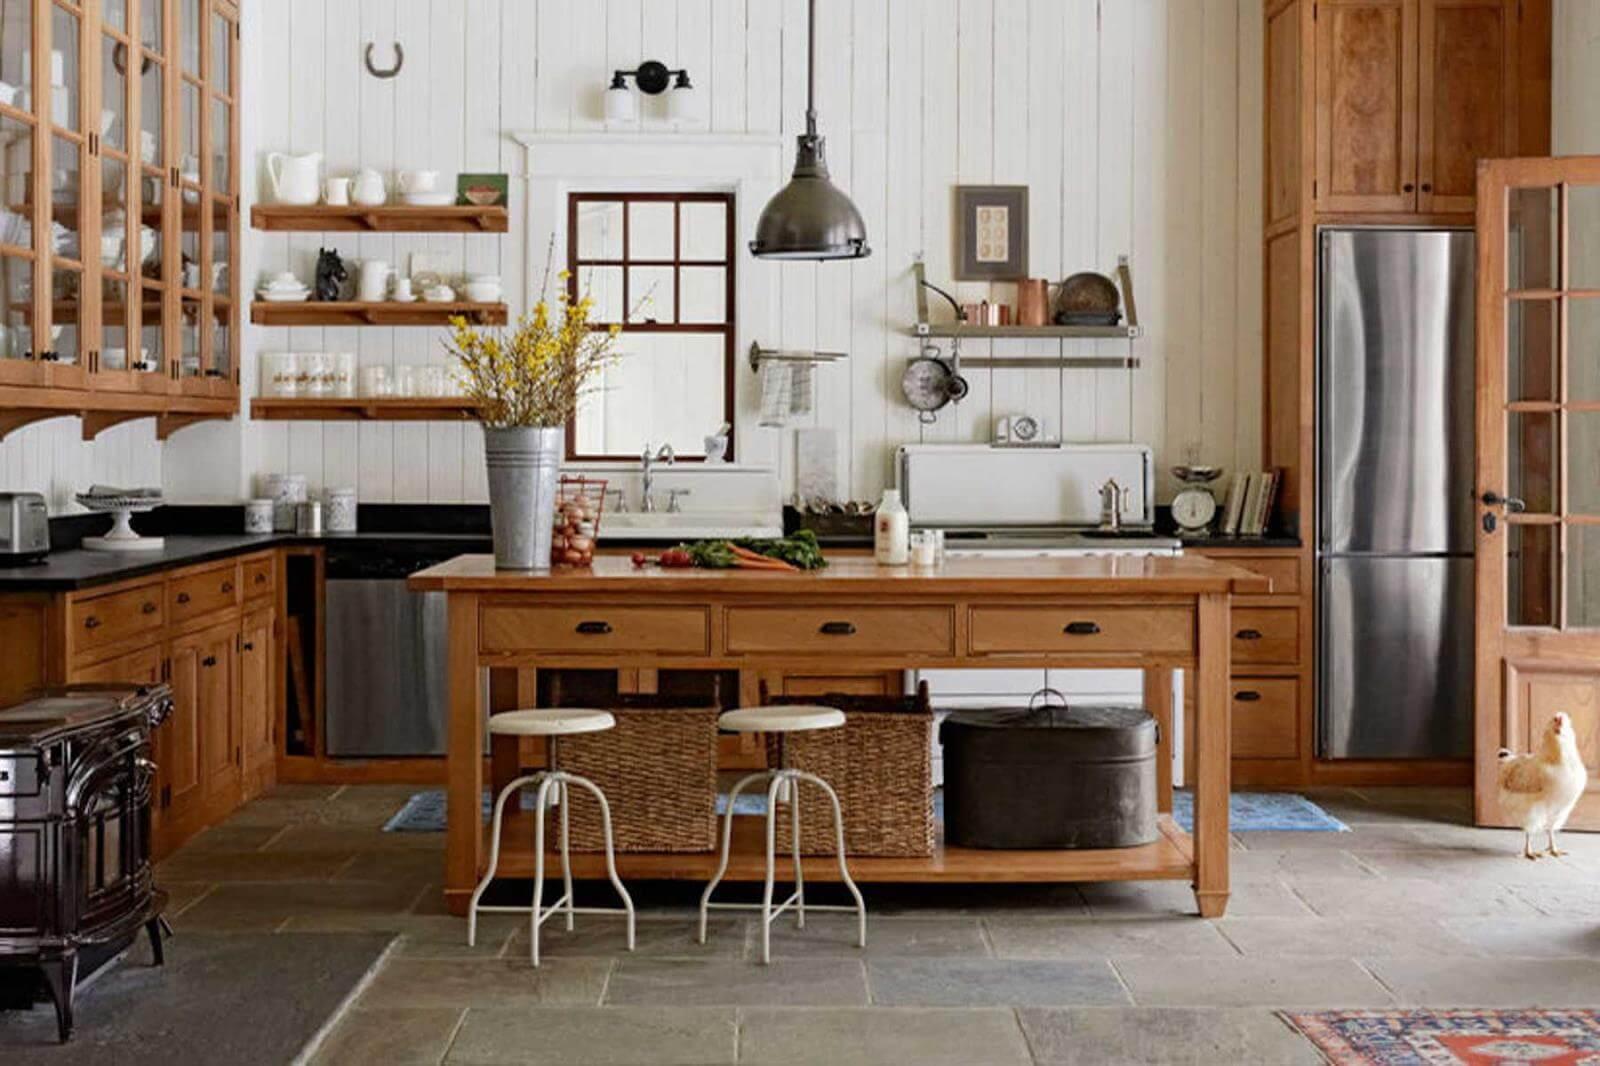 mẫu phong cách thiết kế nội thất đồng quê